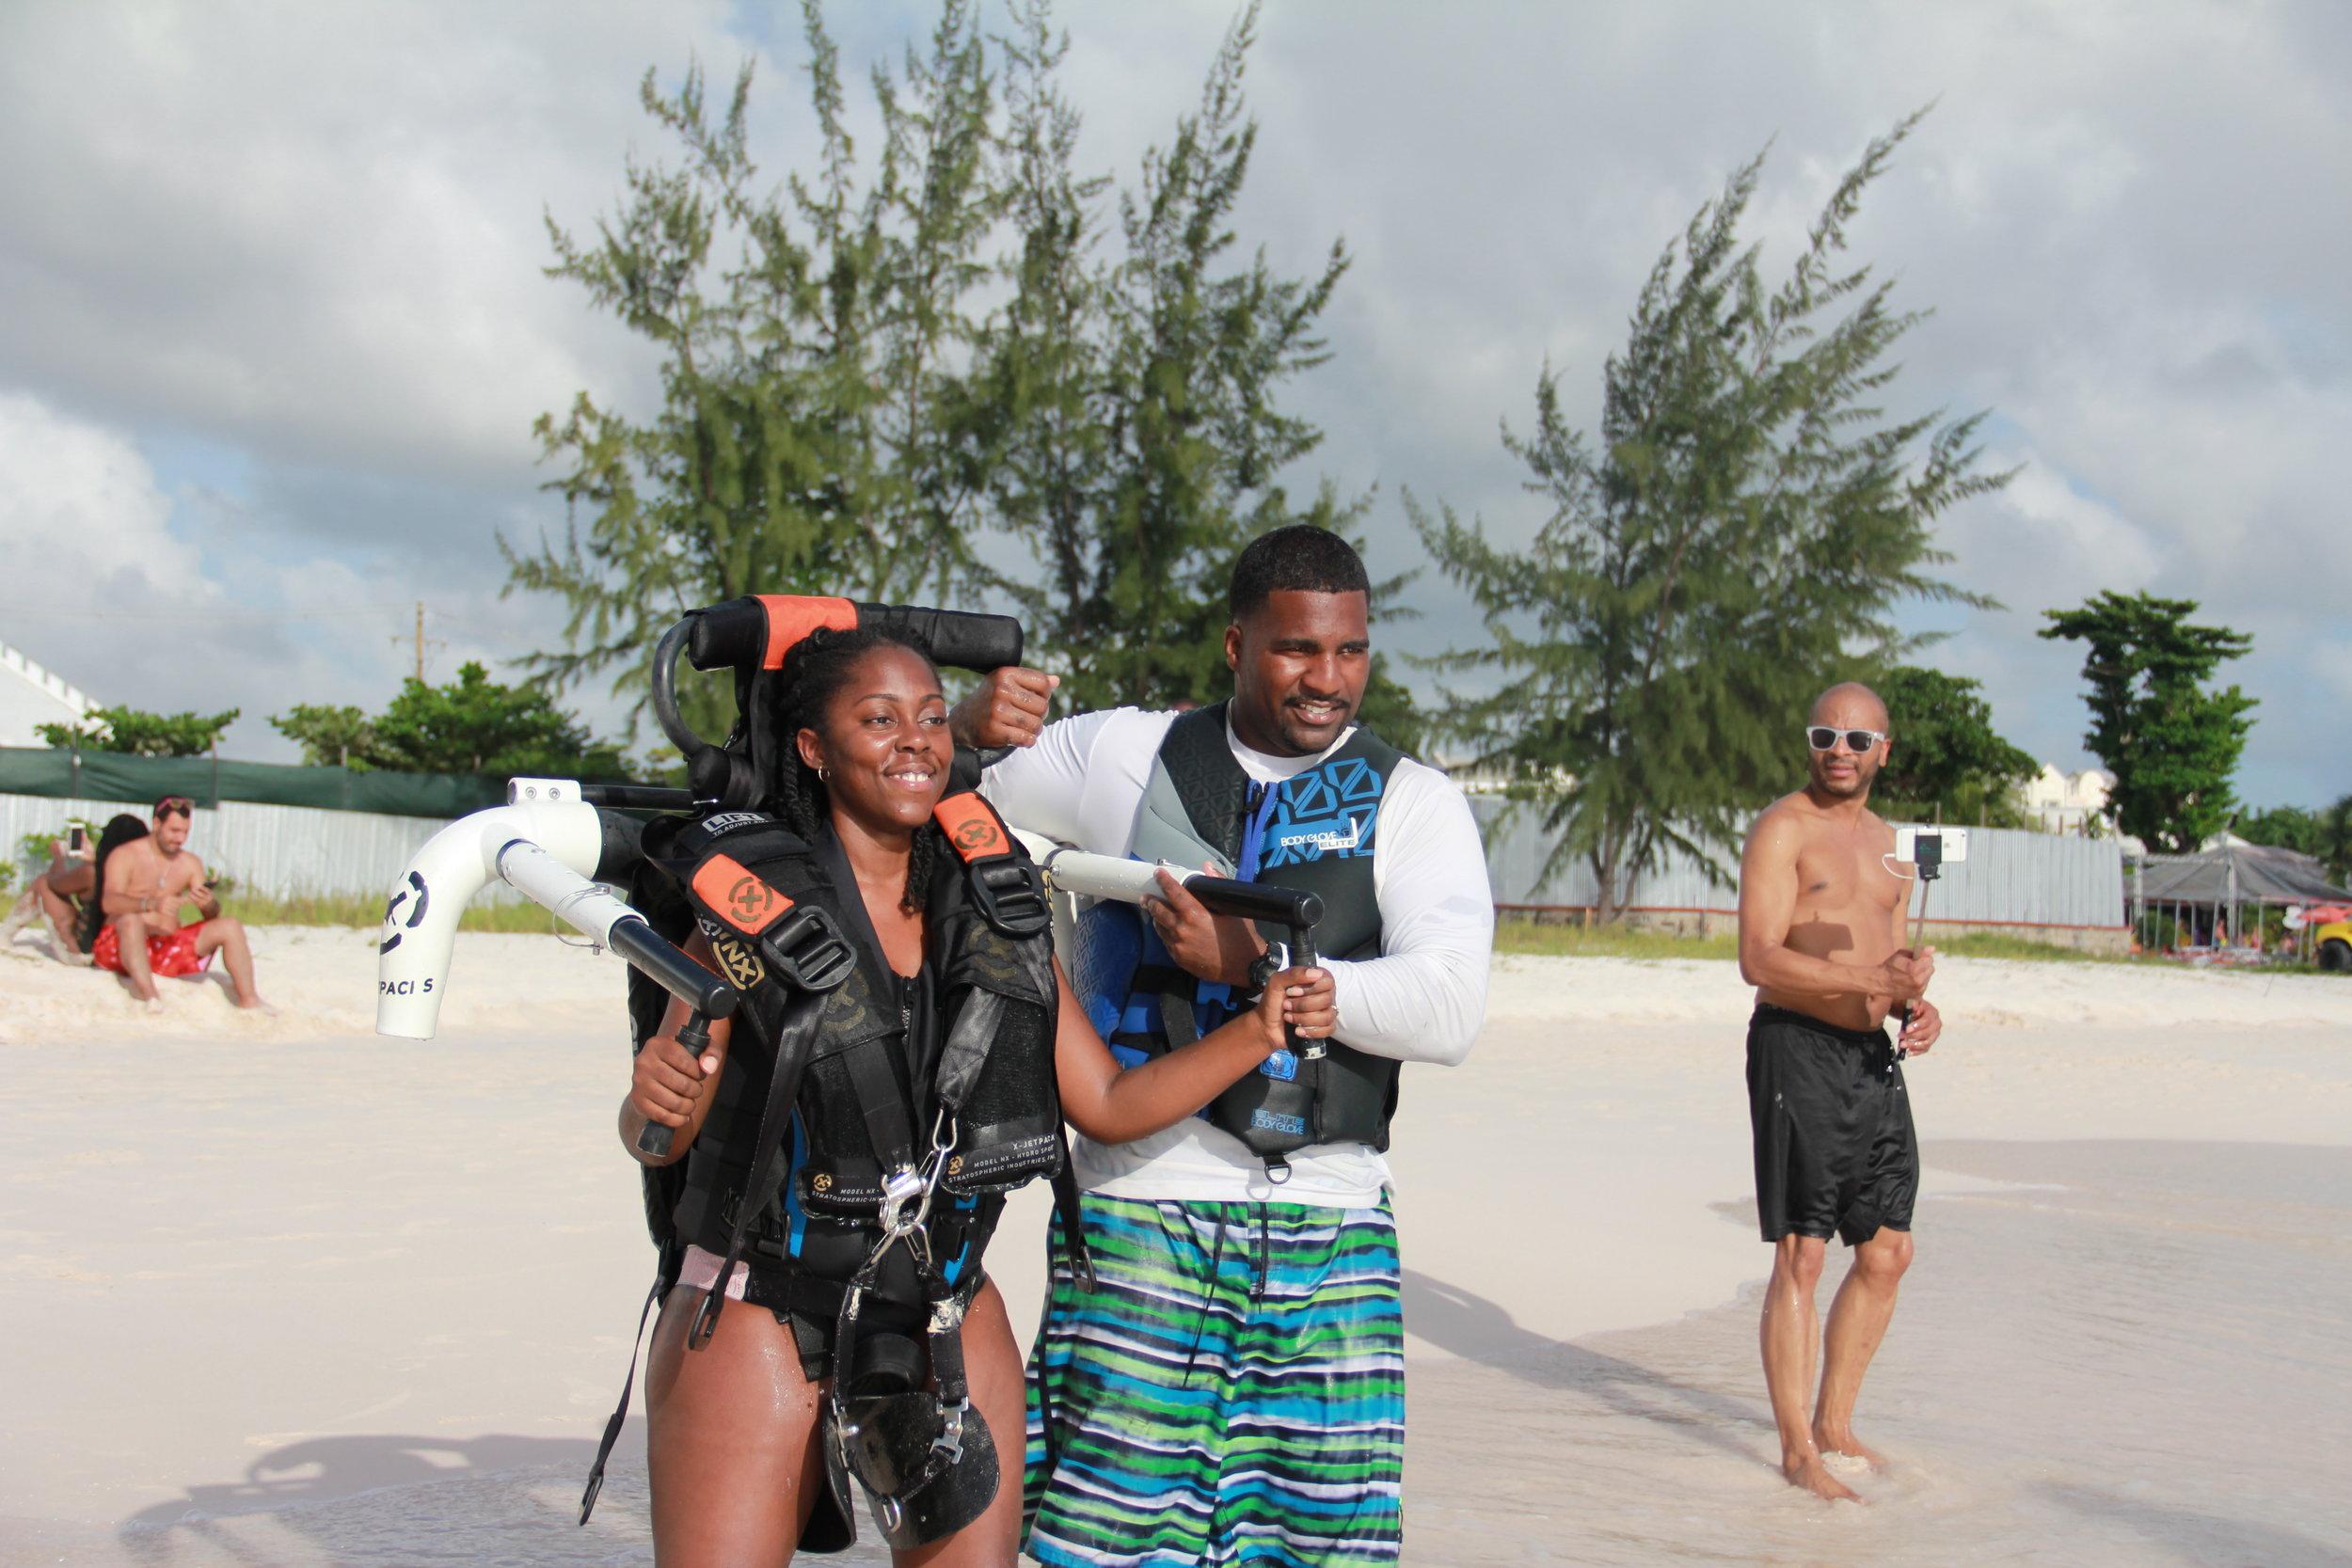 Jetblading in Barbados